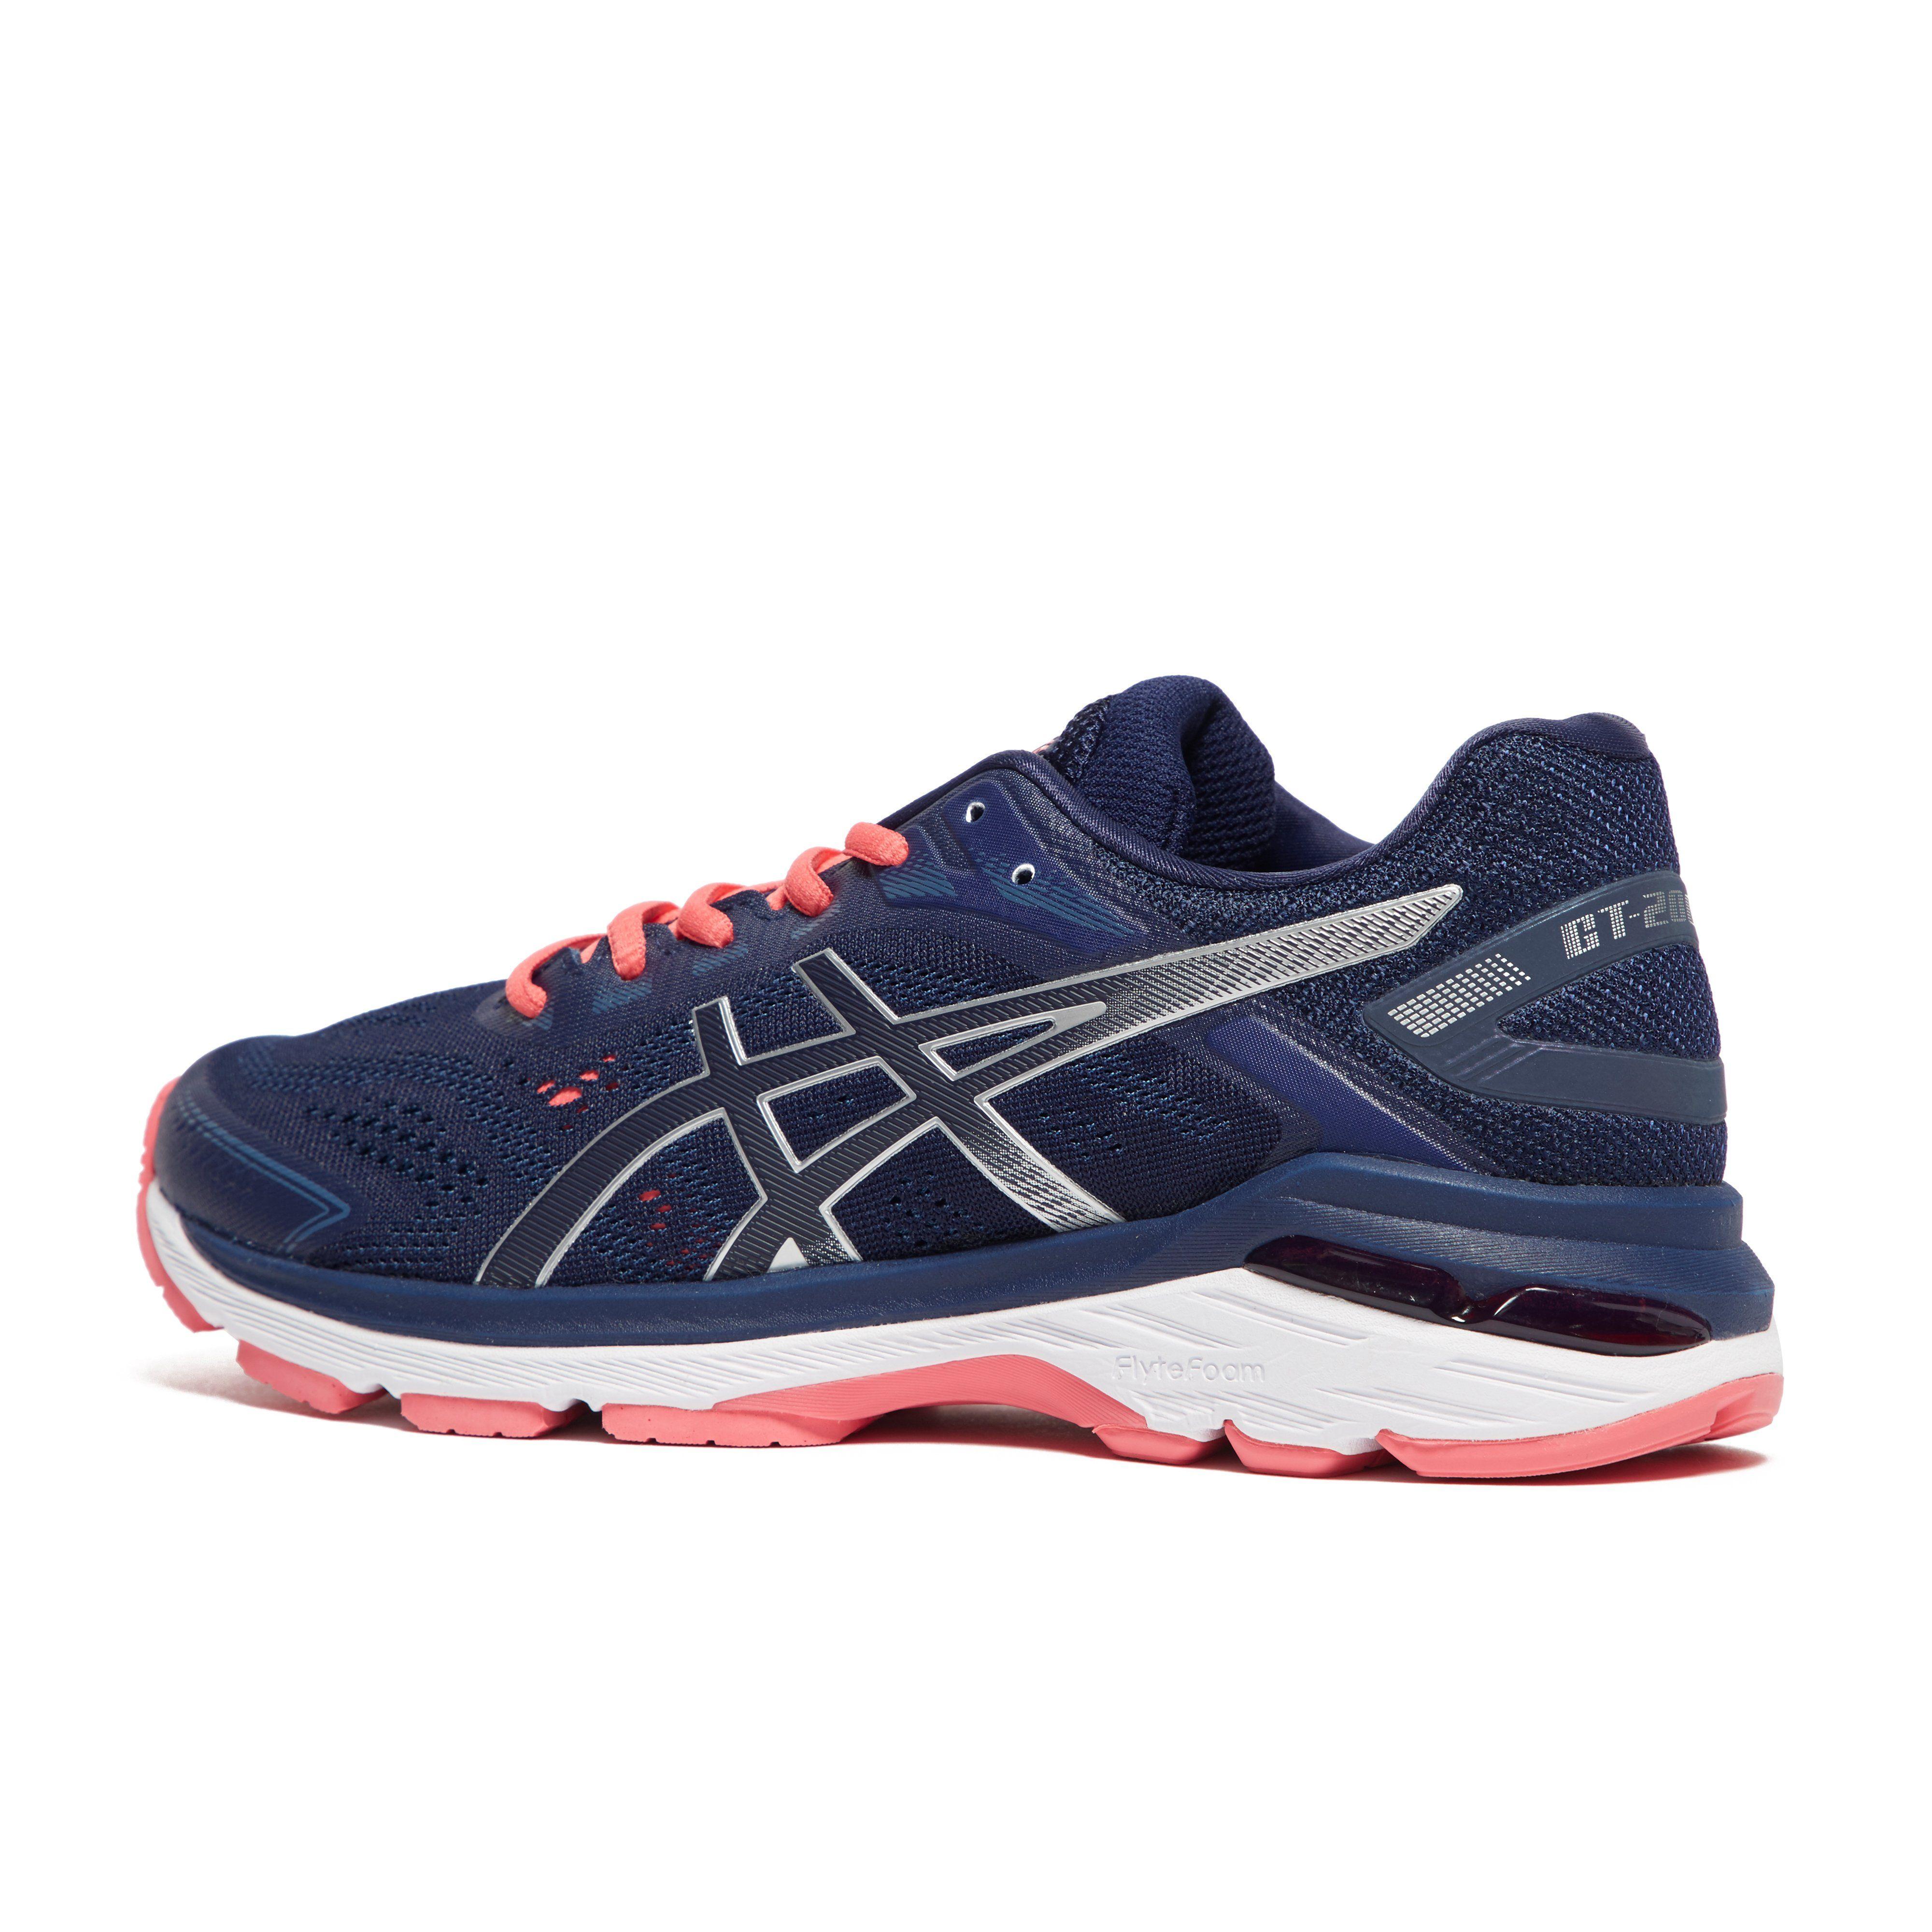 ASICS GT-2000 7 Women's Running Shoes